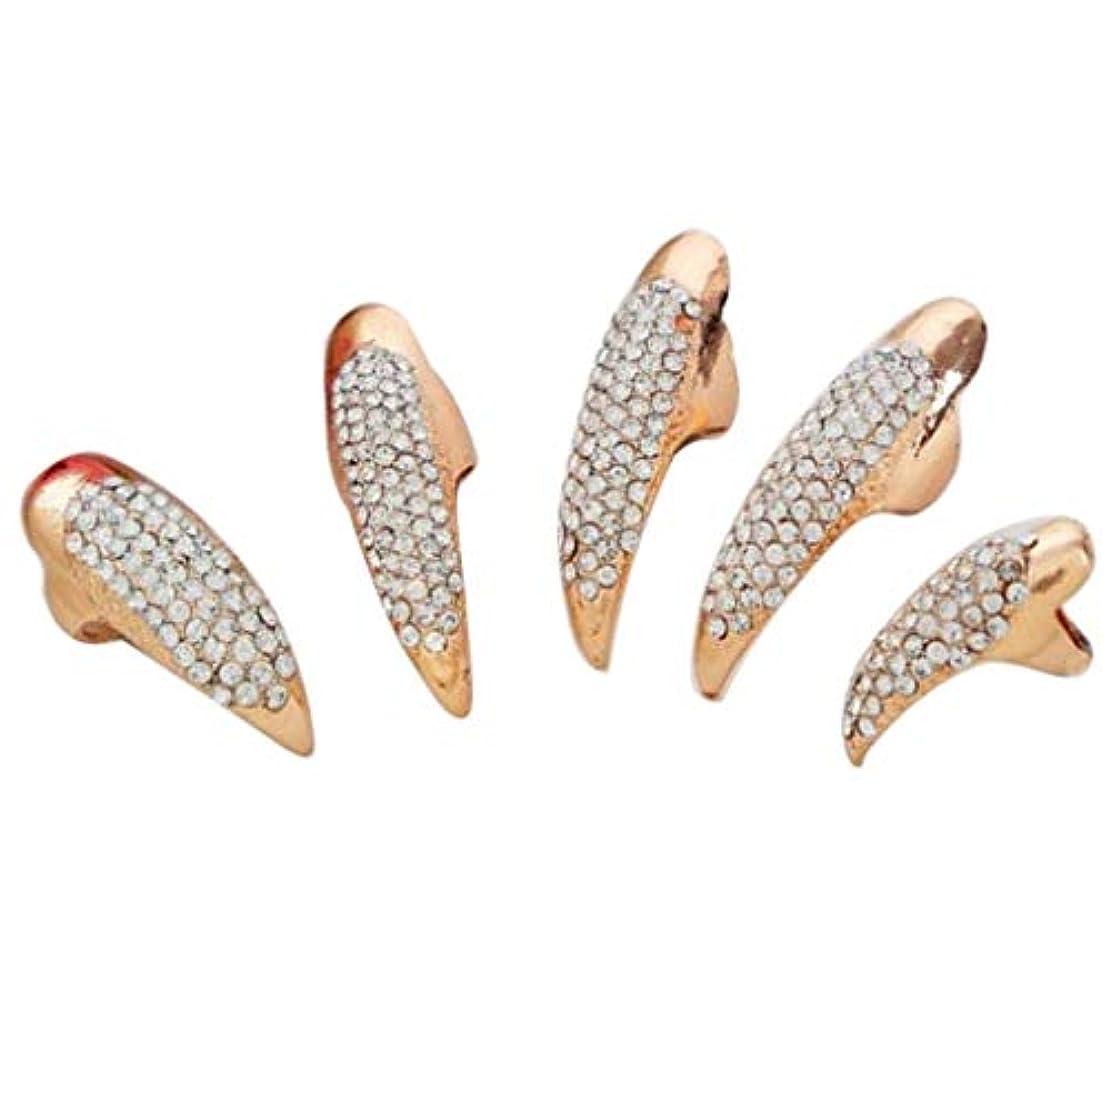 報復楽しむシェードToygogo ネイルリング チップリング 爪の指輪 指先の指輪 ネイルアート アクセサリー 2色選べ - ゴールデン